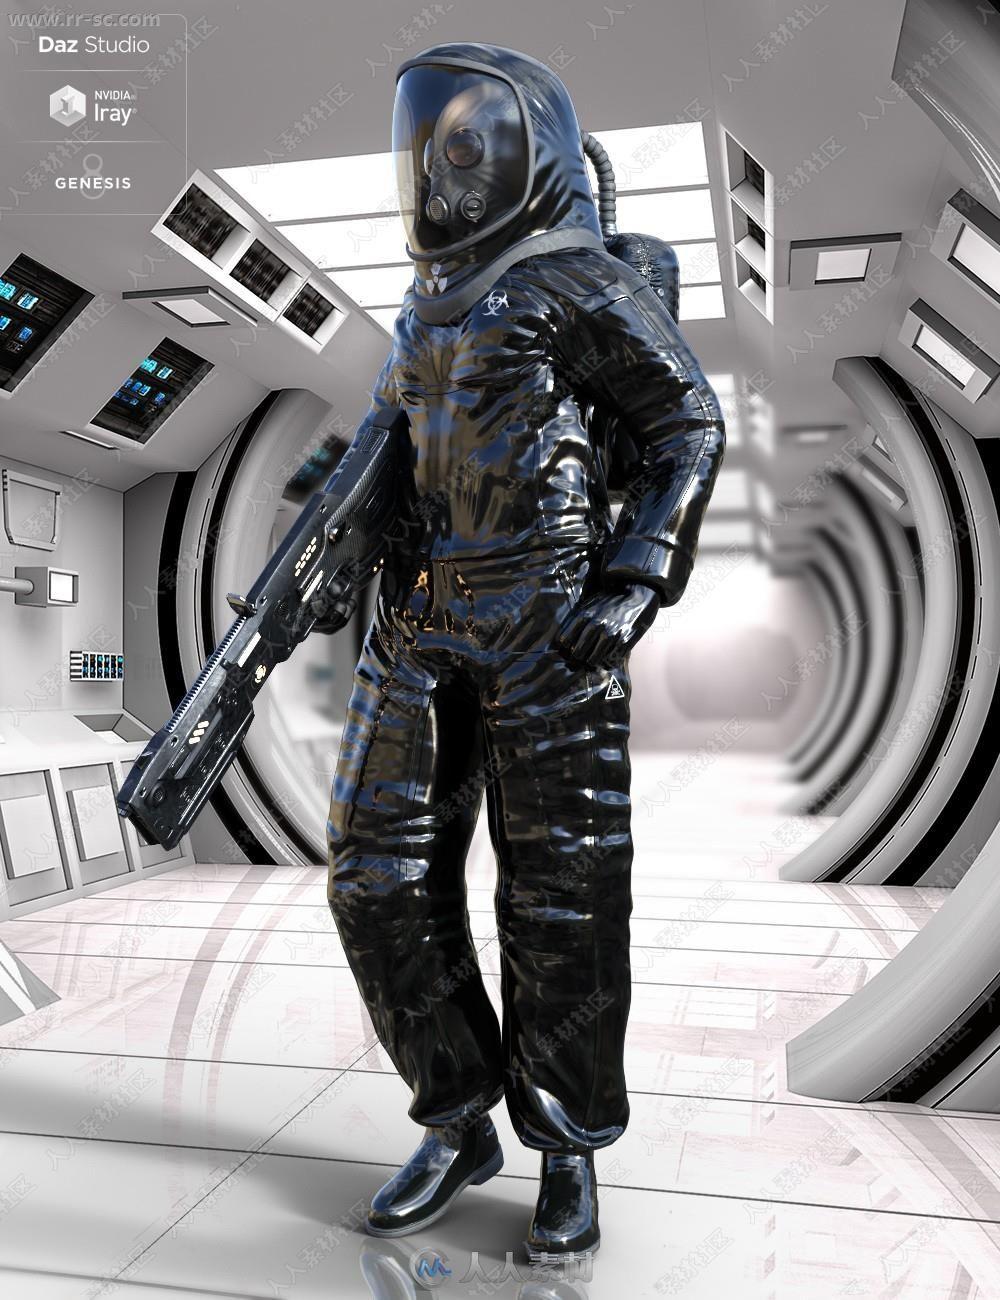 丧尸生化危机防护服装及姿势场景3D模型